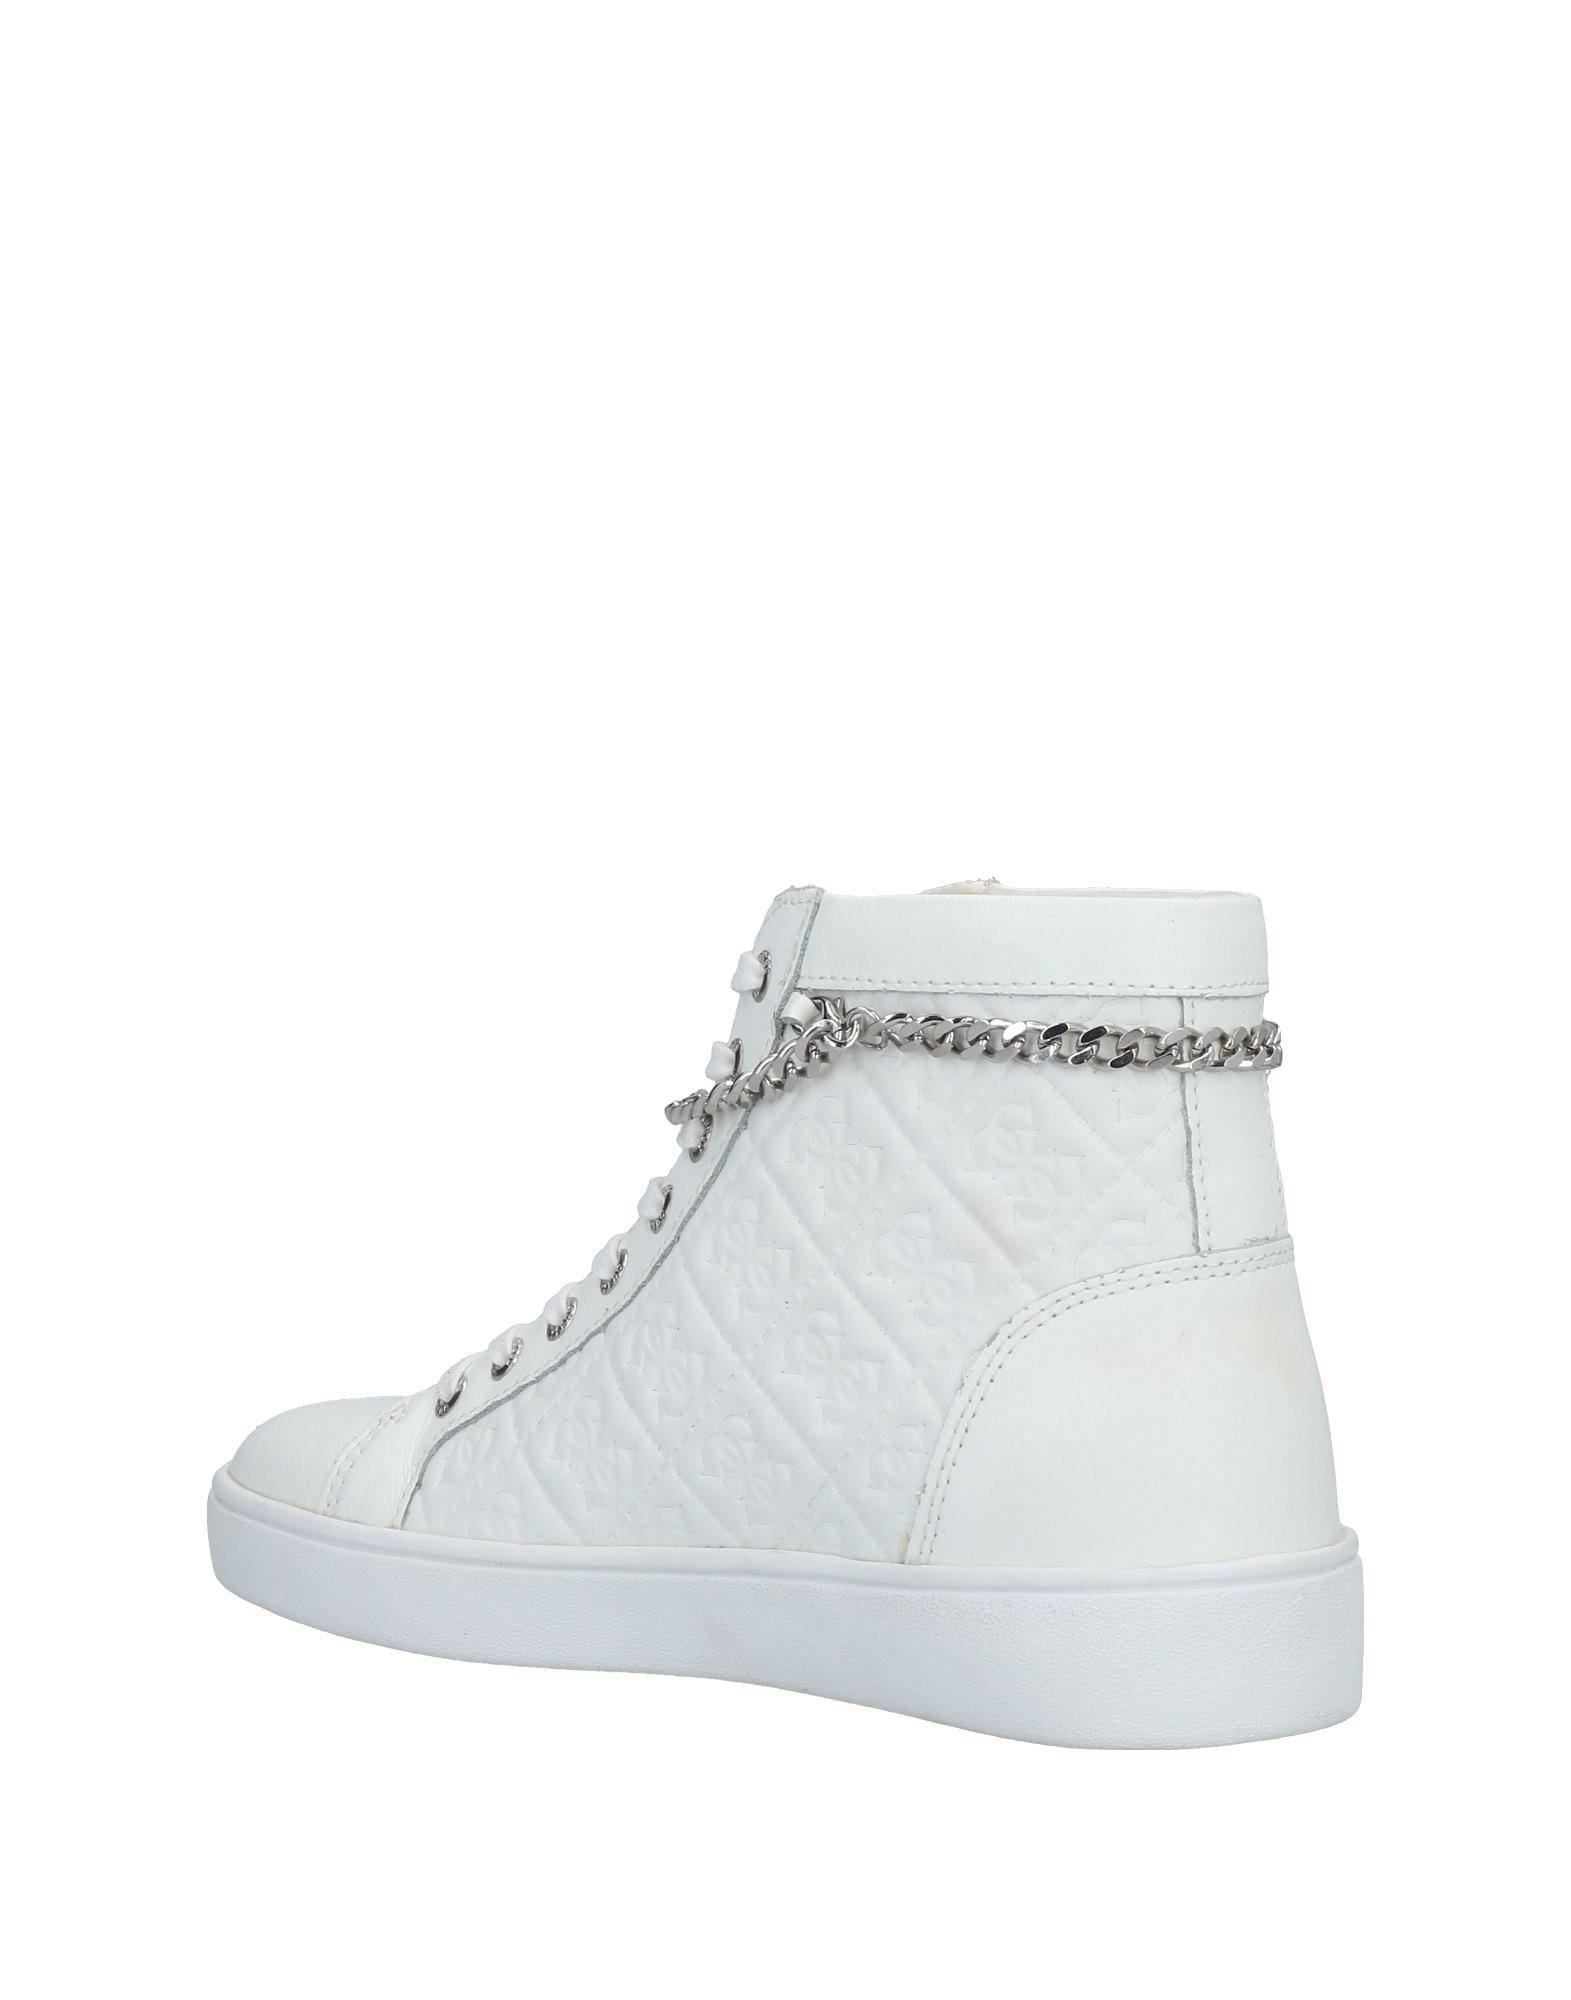 Guess Sneakers Damen Damen Sneakers  11484116RP  125d3c